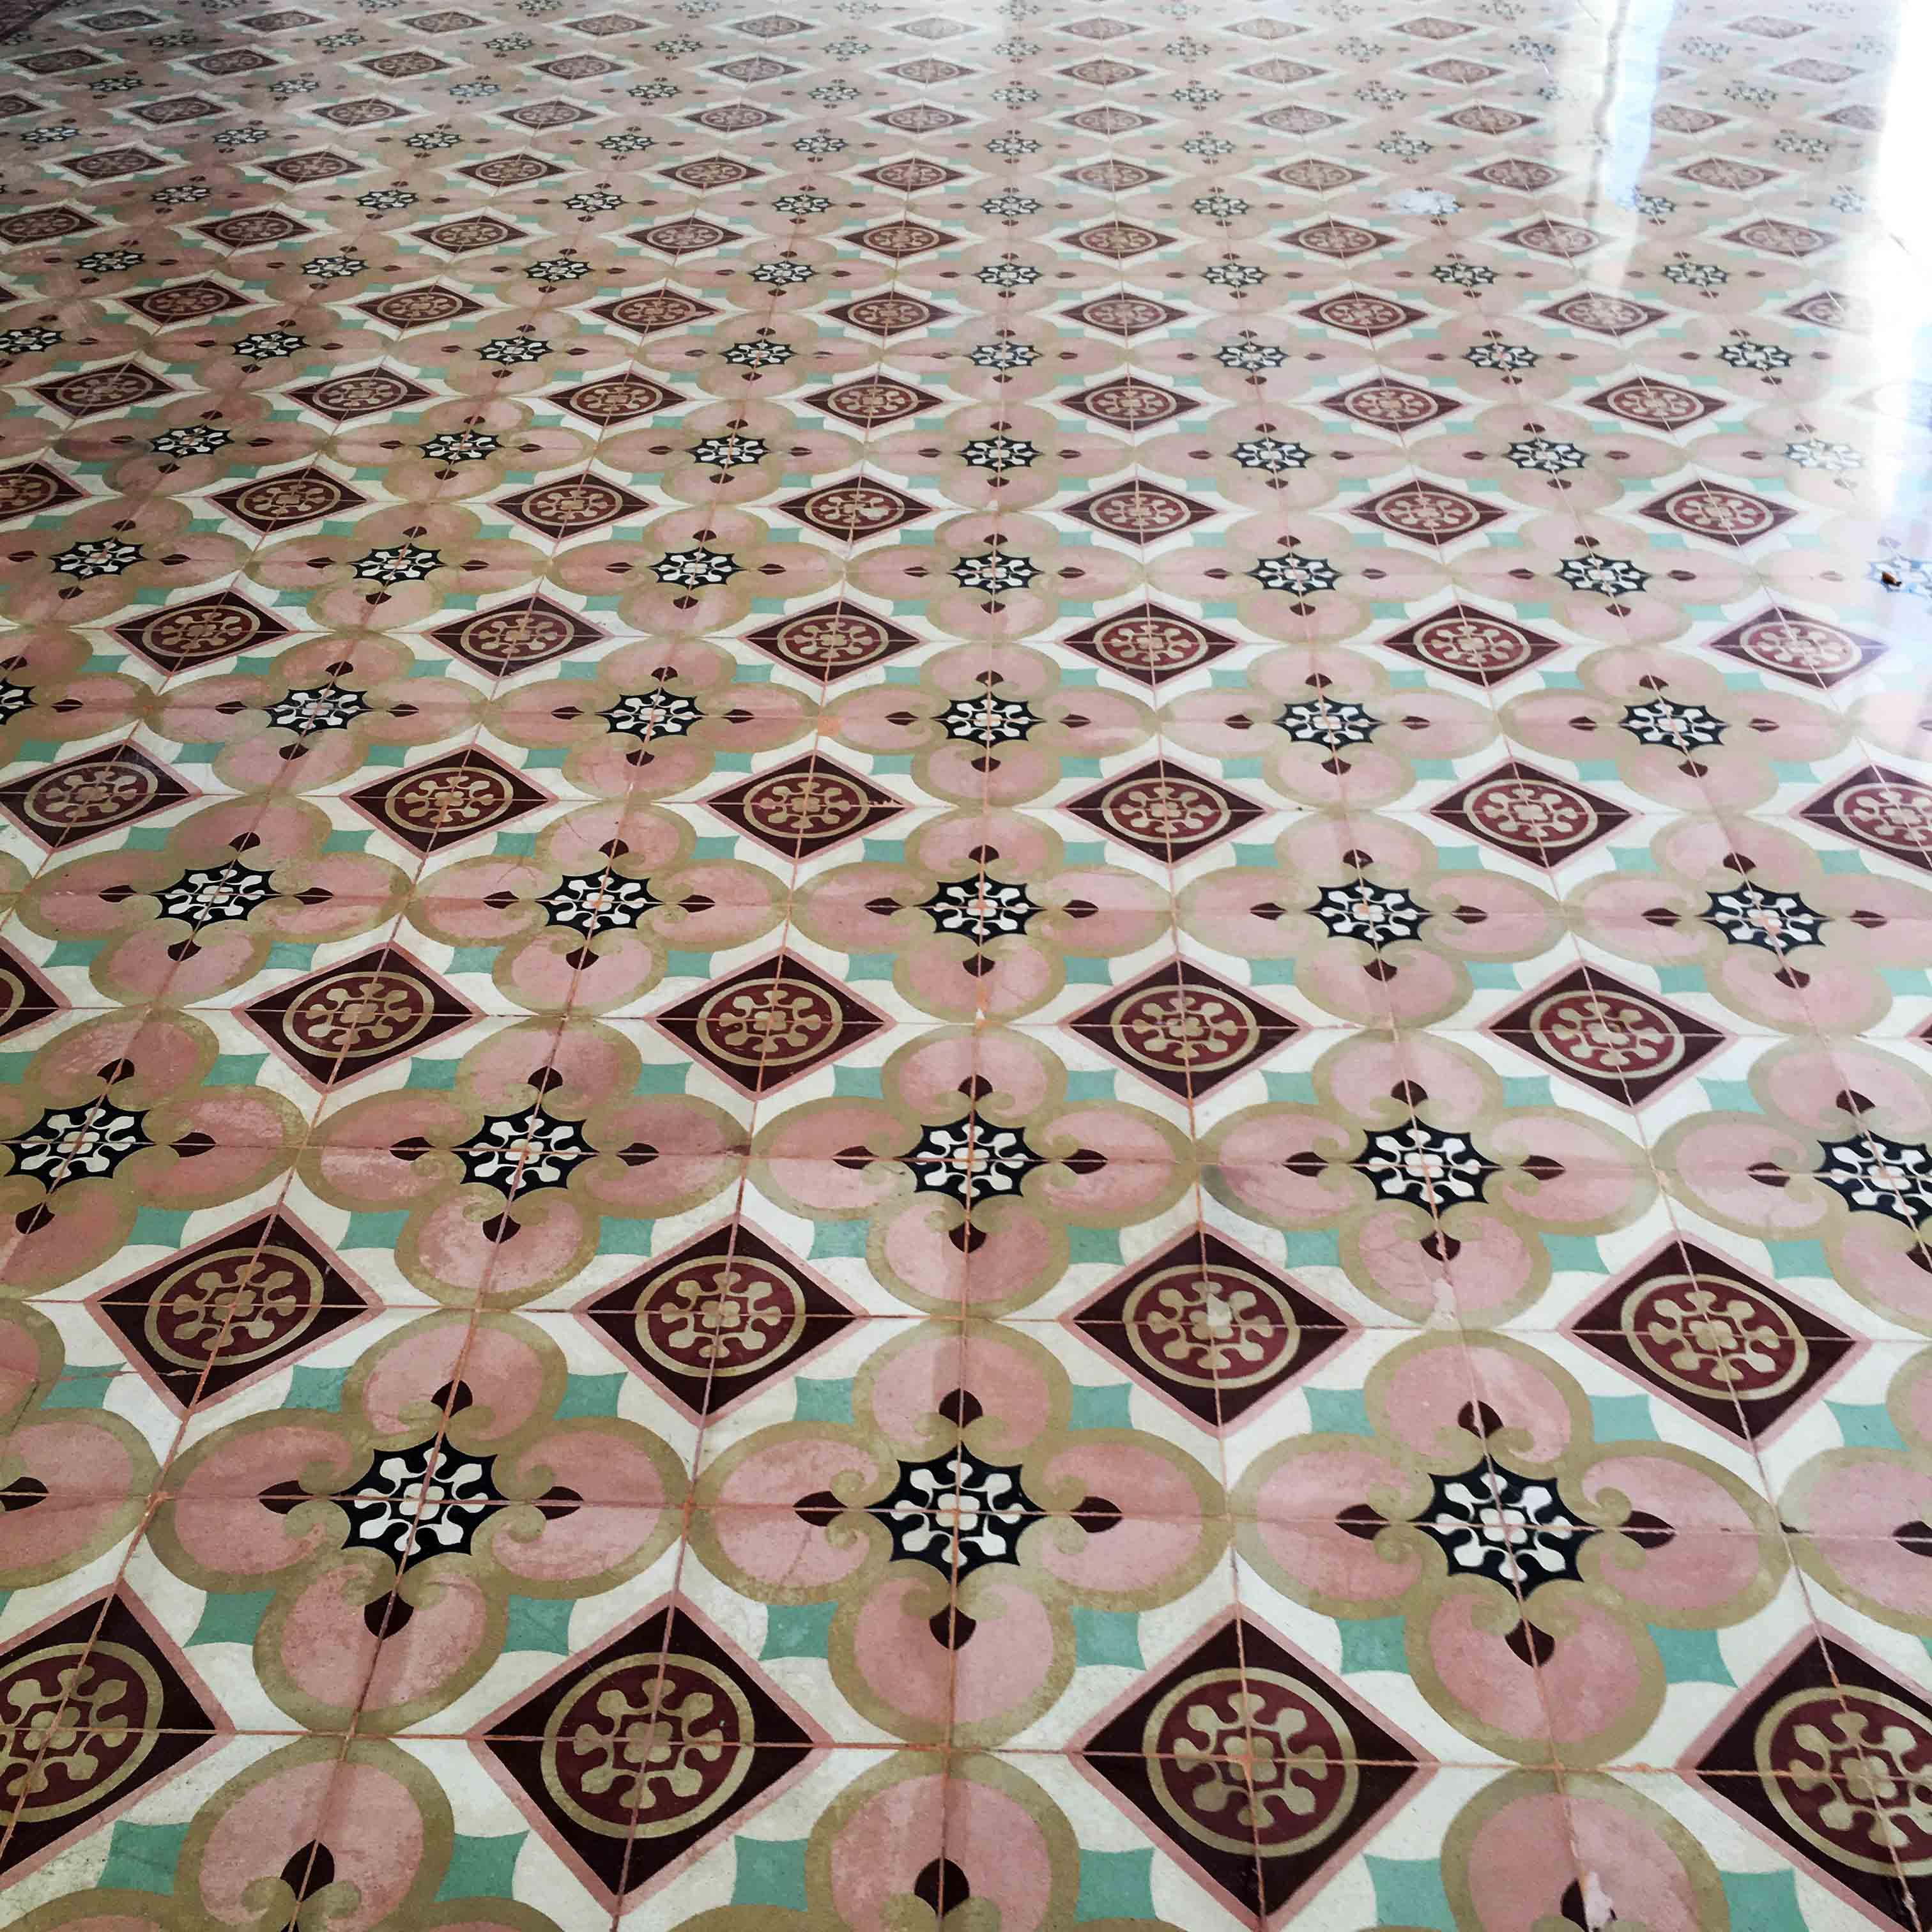 MosaicosBarcelona-Recuperacción-abrillantado-y-acristalado-de-suelos-de-mosaico-hidraulico-en-vivienda-en-Mallorca-Baleares-25